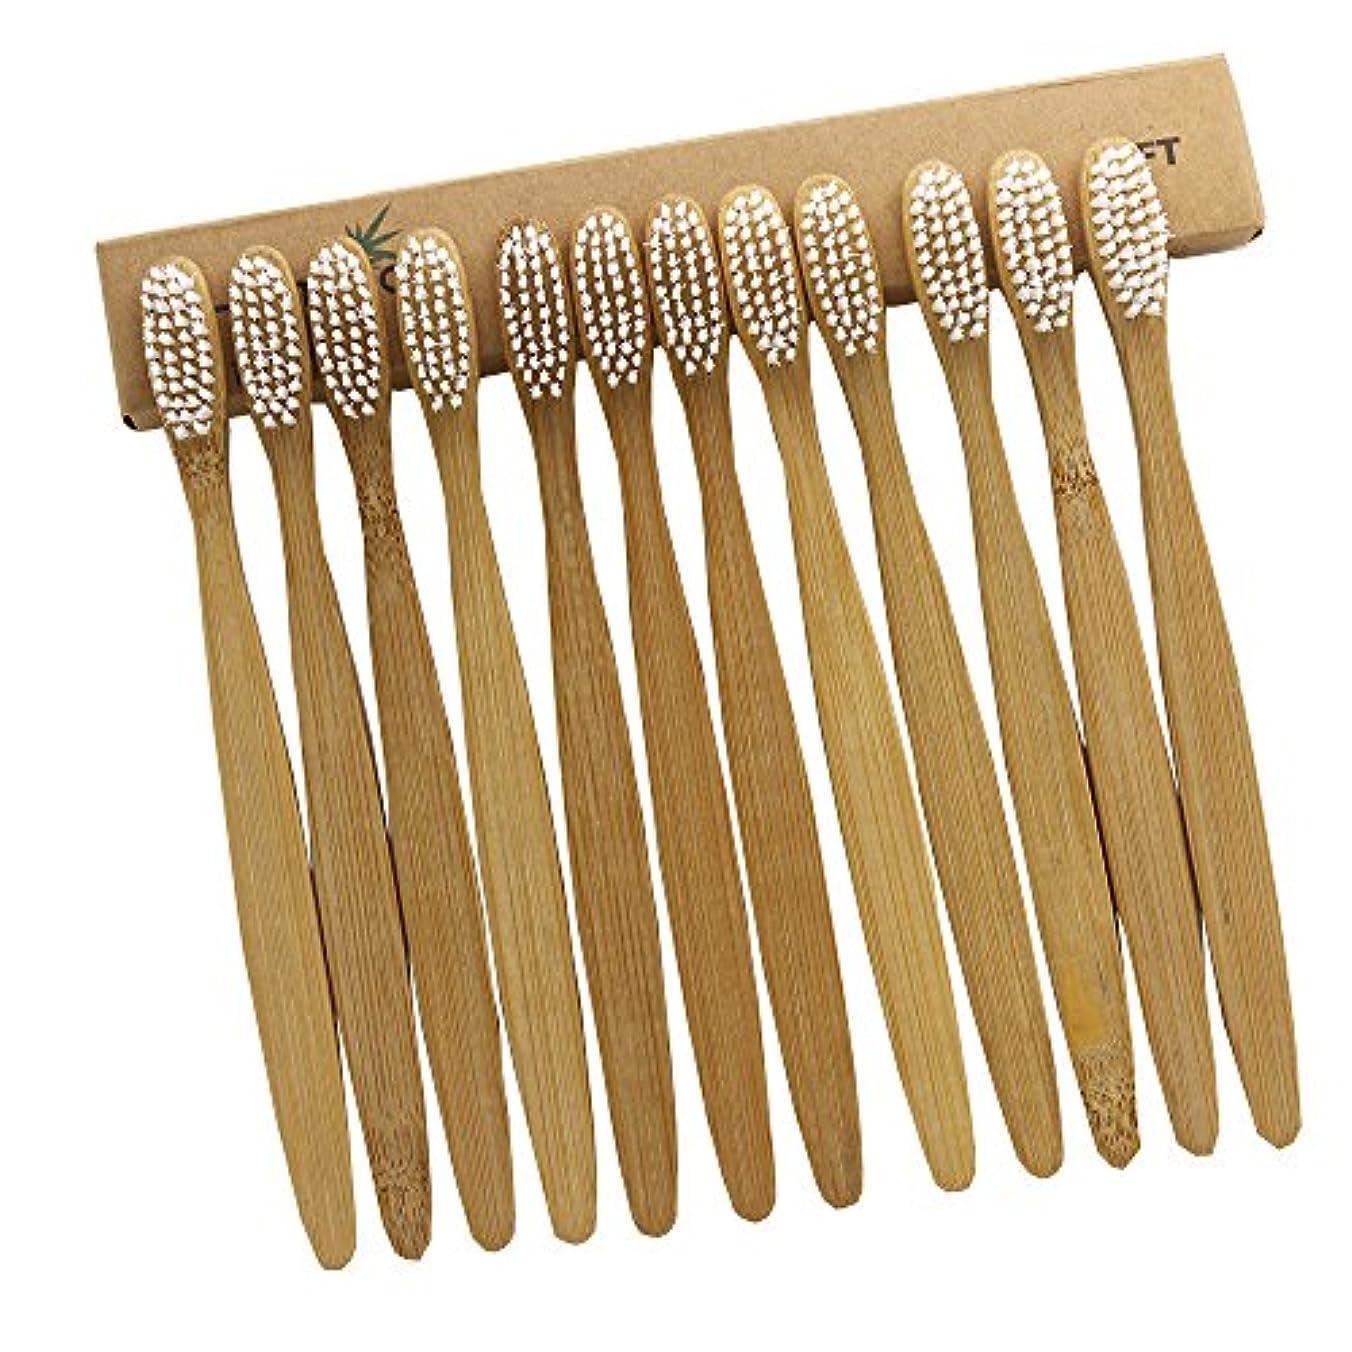 ニュース描写パールN-amboo 竹製 歯ブラシ 高耐久性 セット エコ 軽量 12本入り セット白